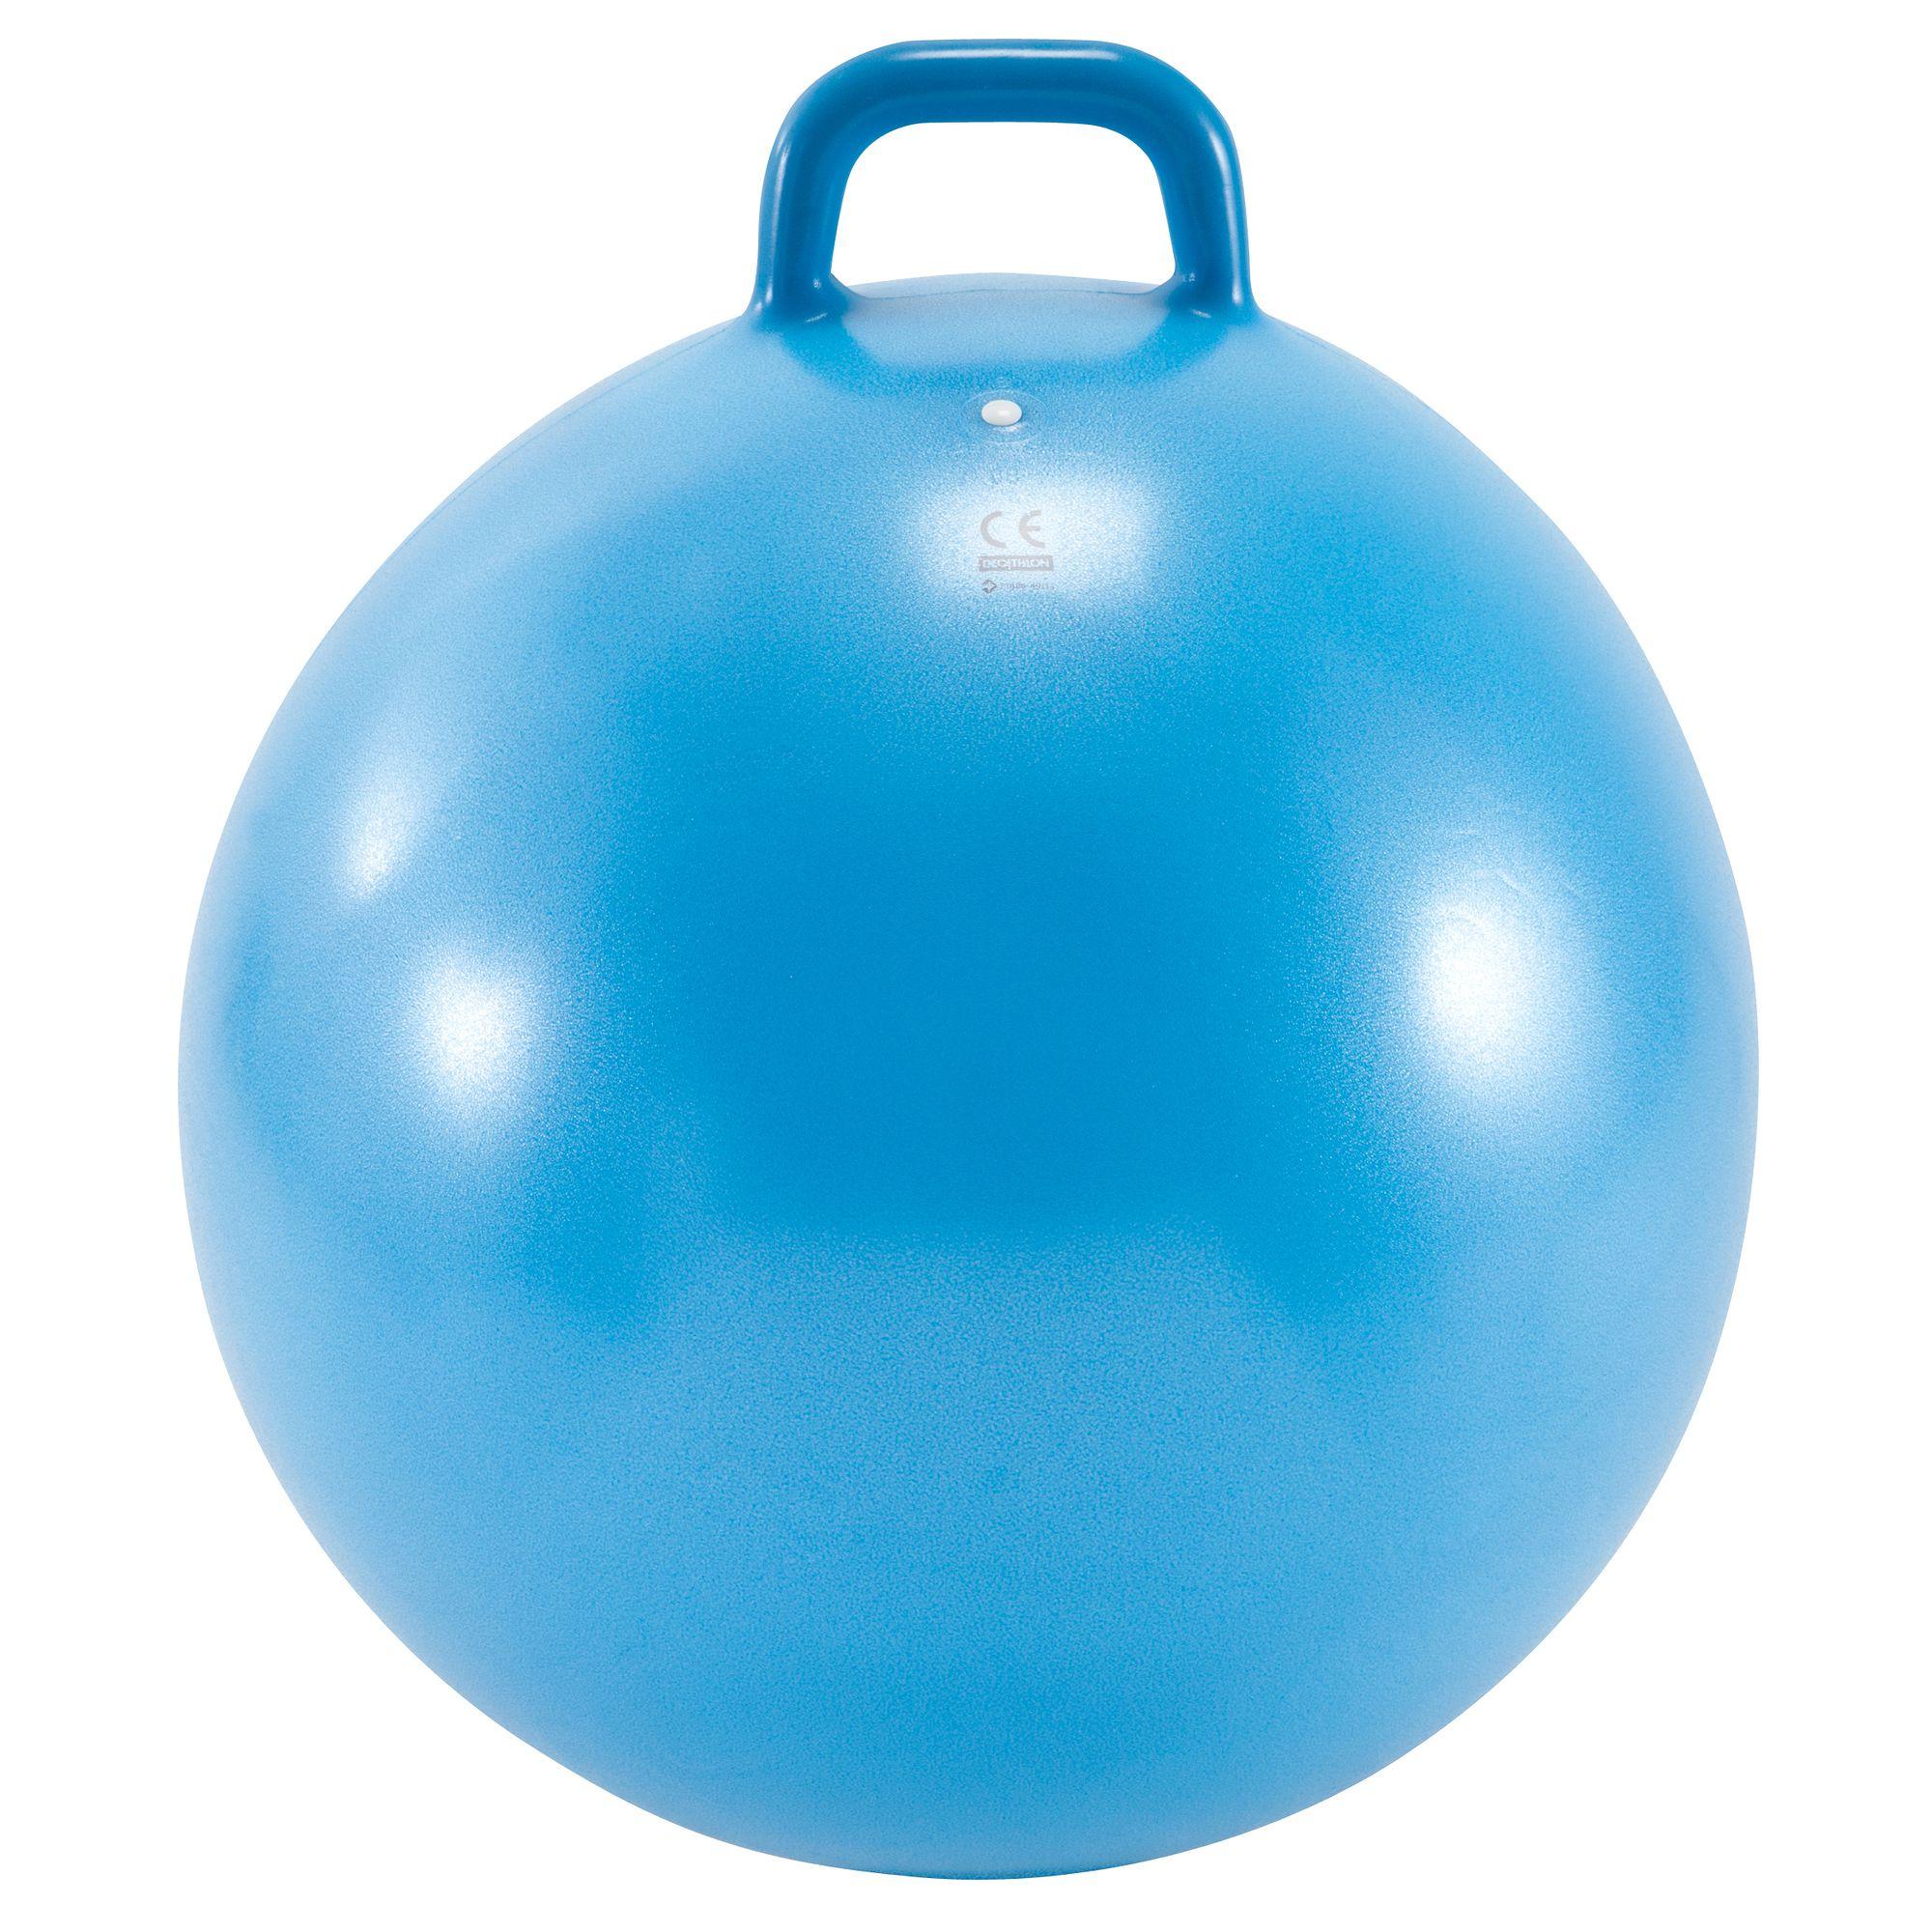 ballon sauteur resist 60 cm gym enfant bleu clubs collectivit s decathlon pro. Black Bedroom Furniture Sets. Home Design Ideas